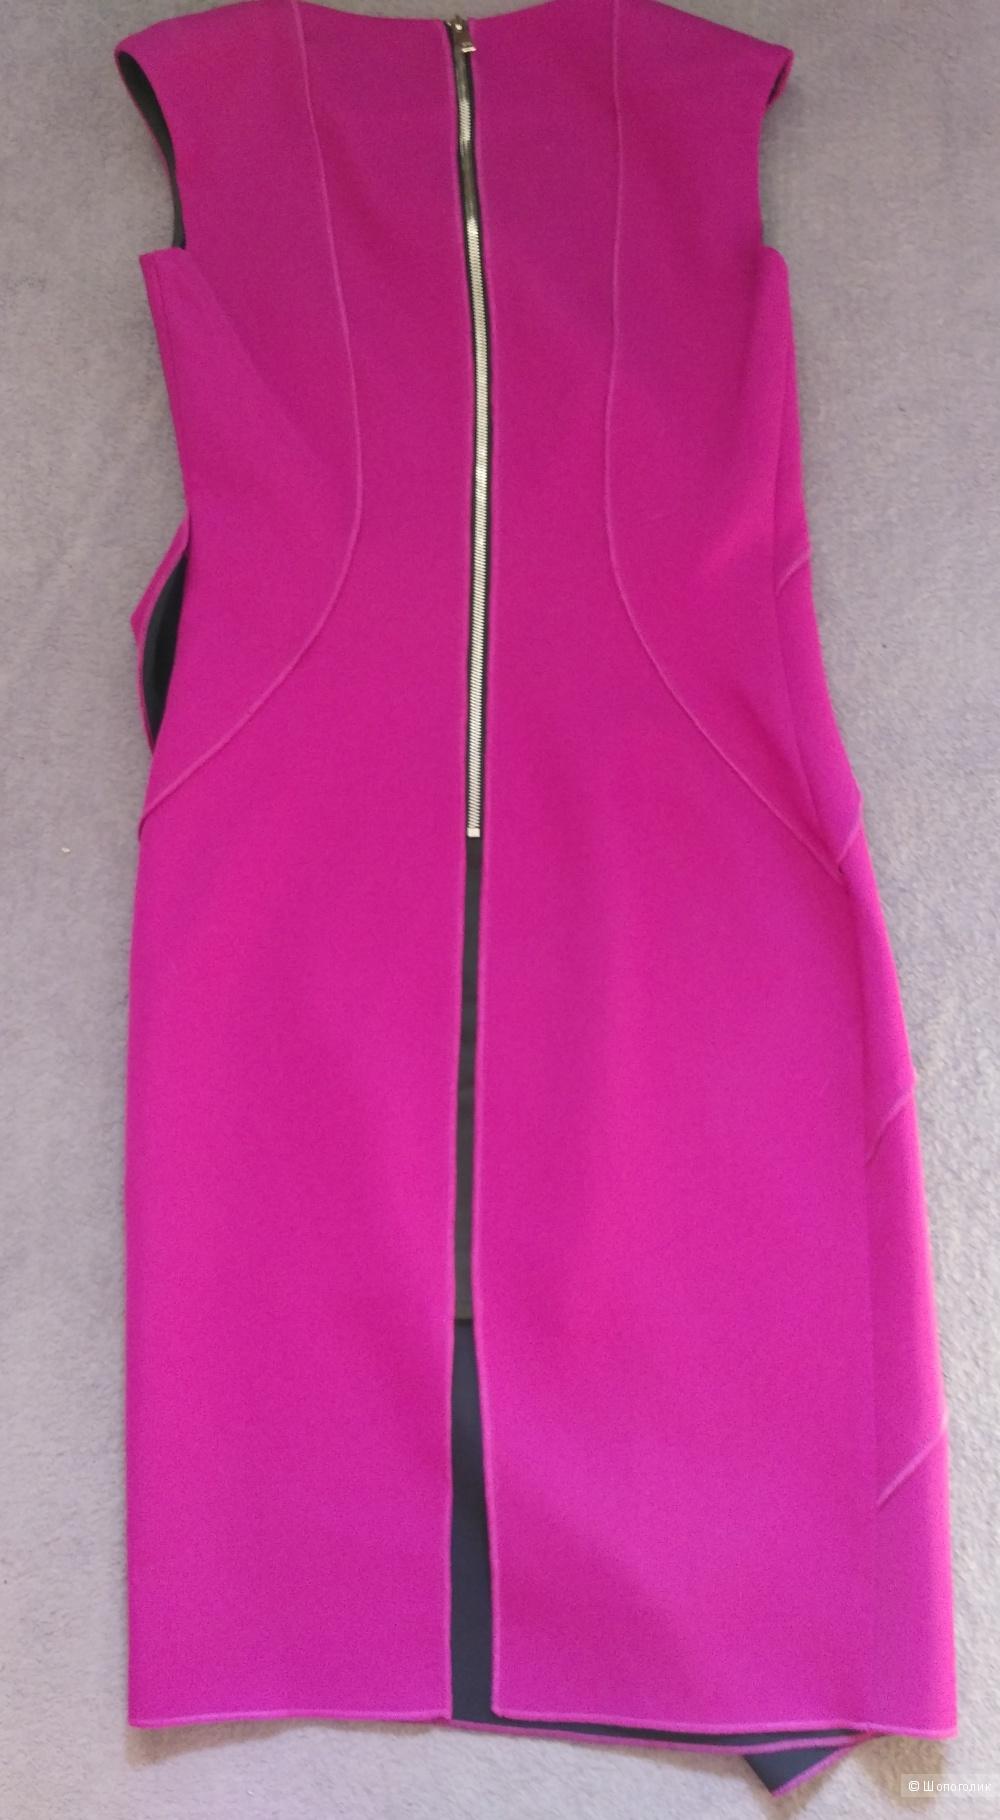 Праздничное платье Lakbi размер 46 (хорошо на 44-46) цвет малина